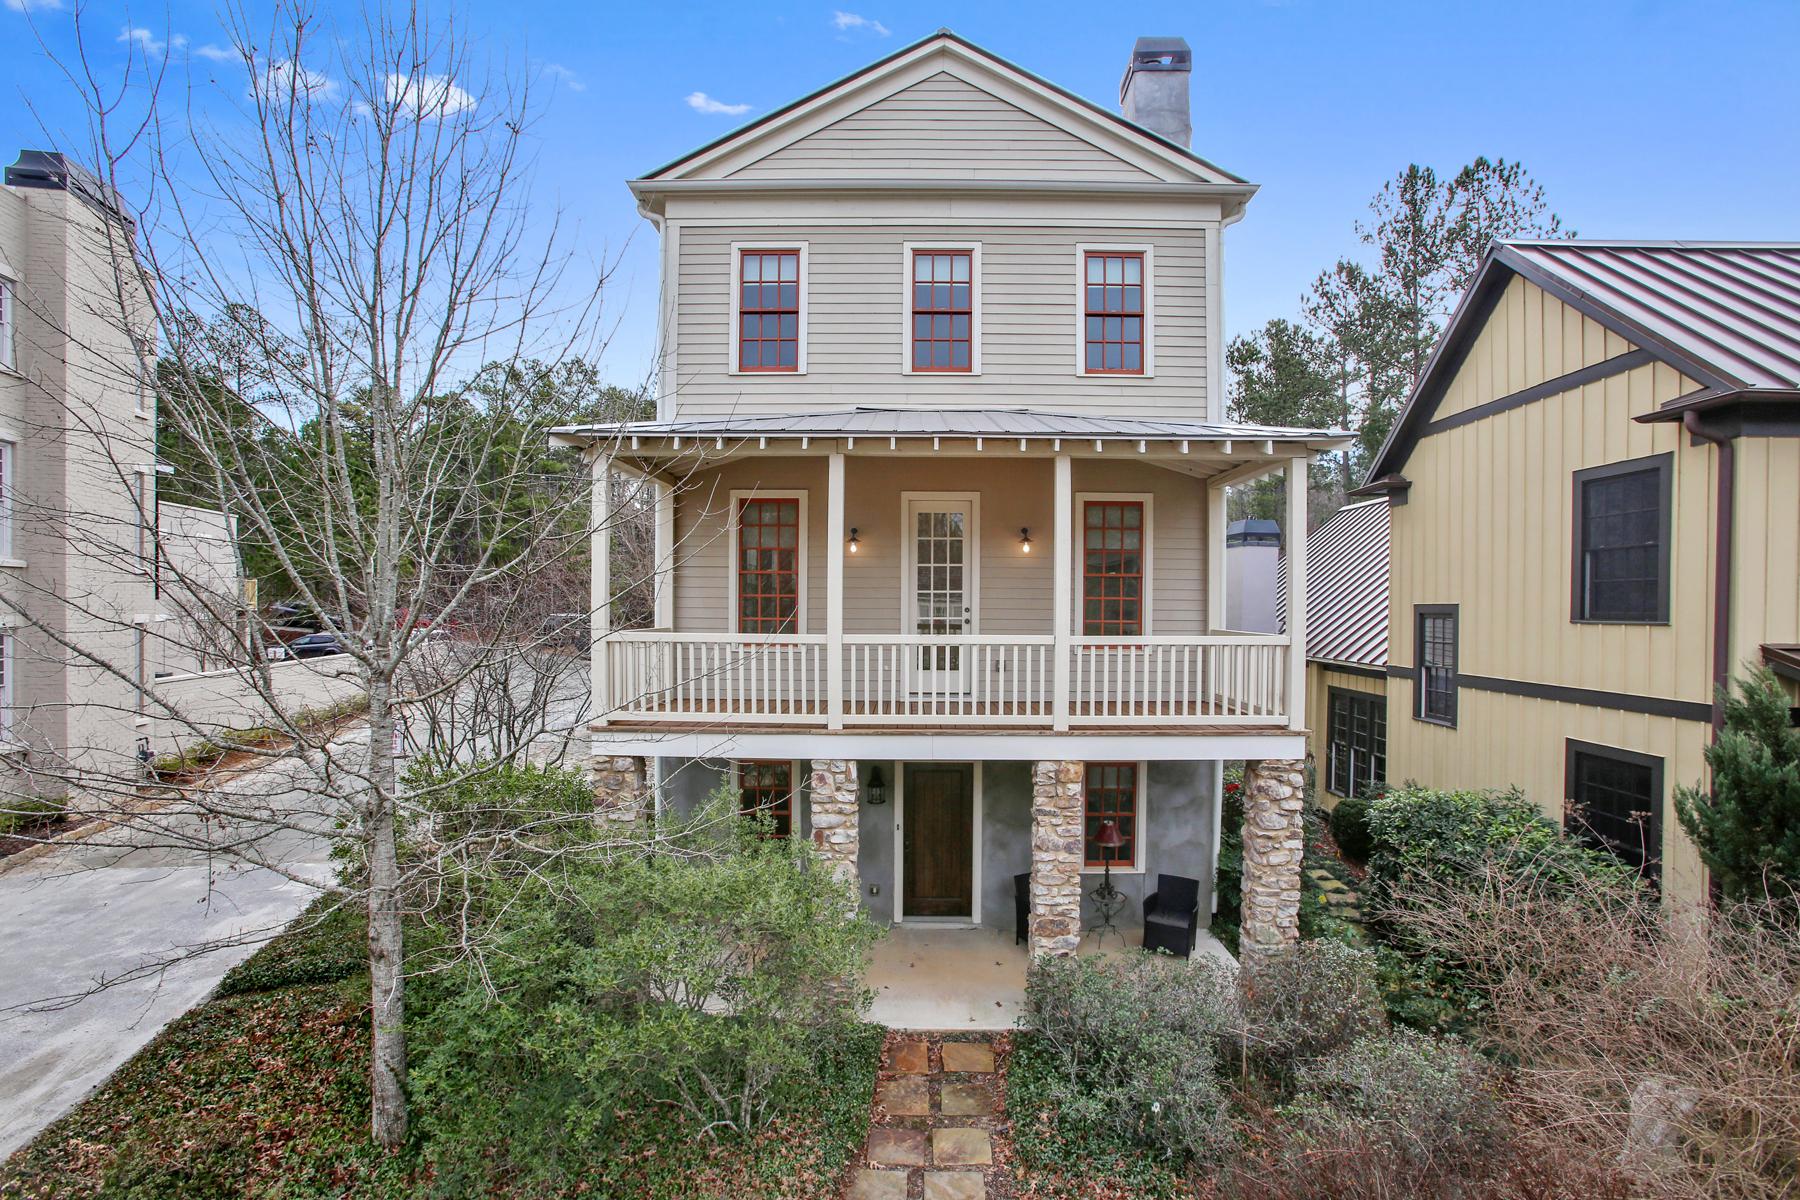 단독 가정 주택 용 매매 에 Inviting Serenbe Cottage in the Highly Sought-After Selborne Area 9134 Selborne Lane Chattahoochee Hills, 조지아, 30268 미국